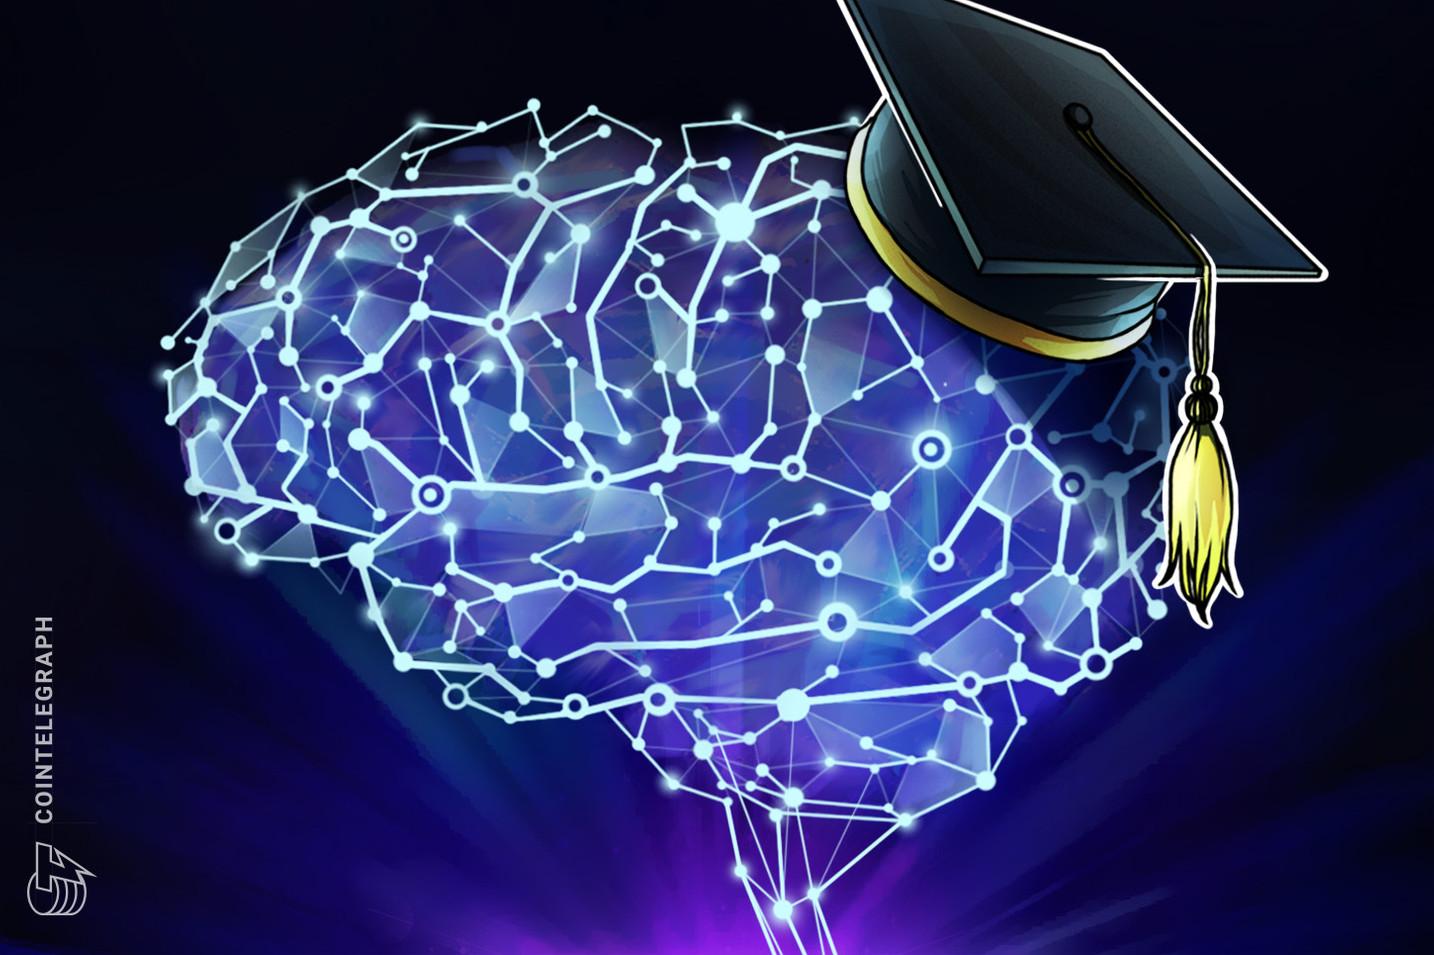 Un criptoexchange de la India lanzó una plataforma de aprendizaje sobre Blockchain y criptomonedas